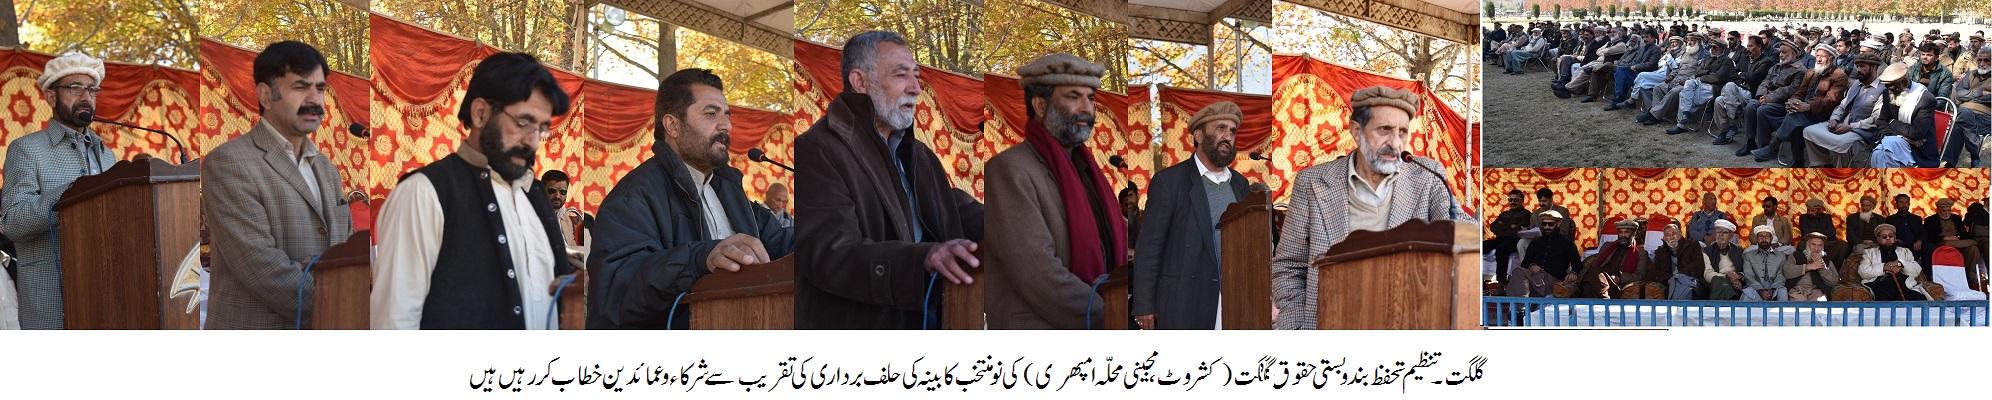 تحفظ بندوبستی حقوق اہالیان گلگت کے نو منتخب عہدیدارن کی حلف برداری کی تقریب منعقد